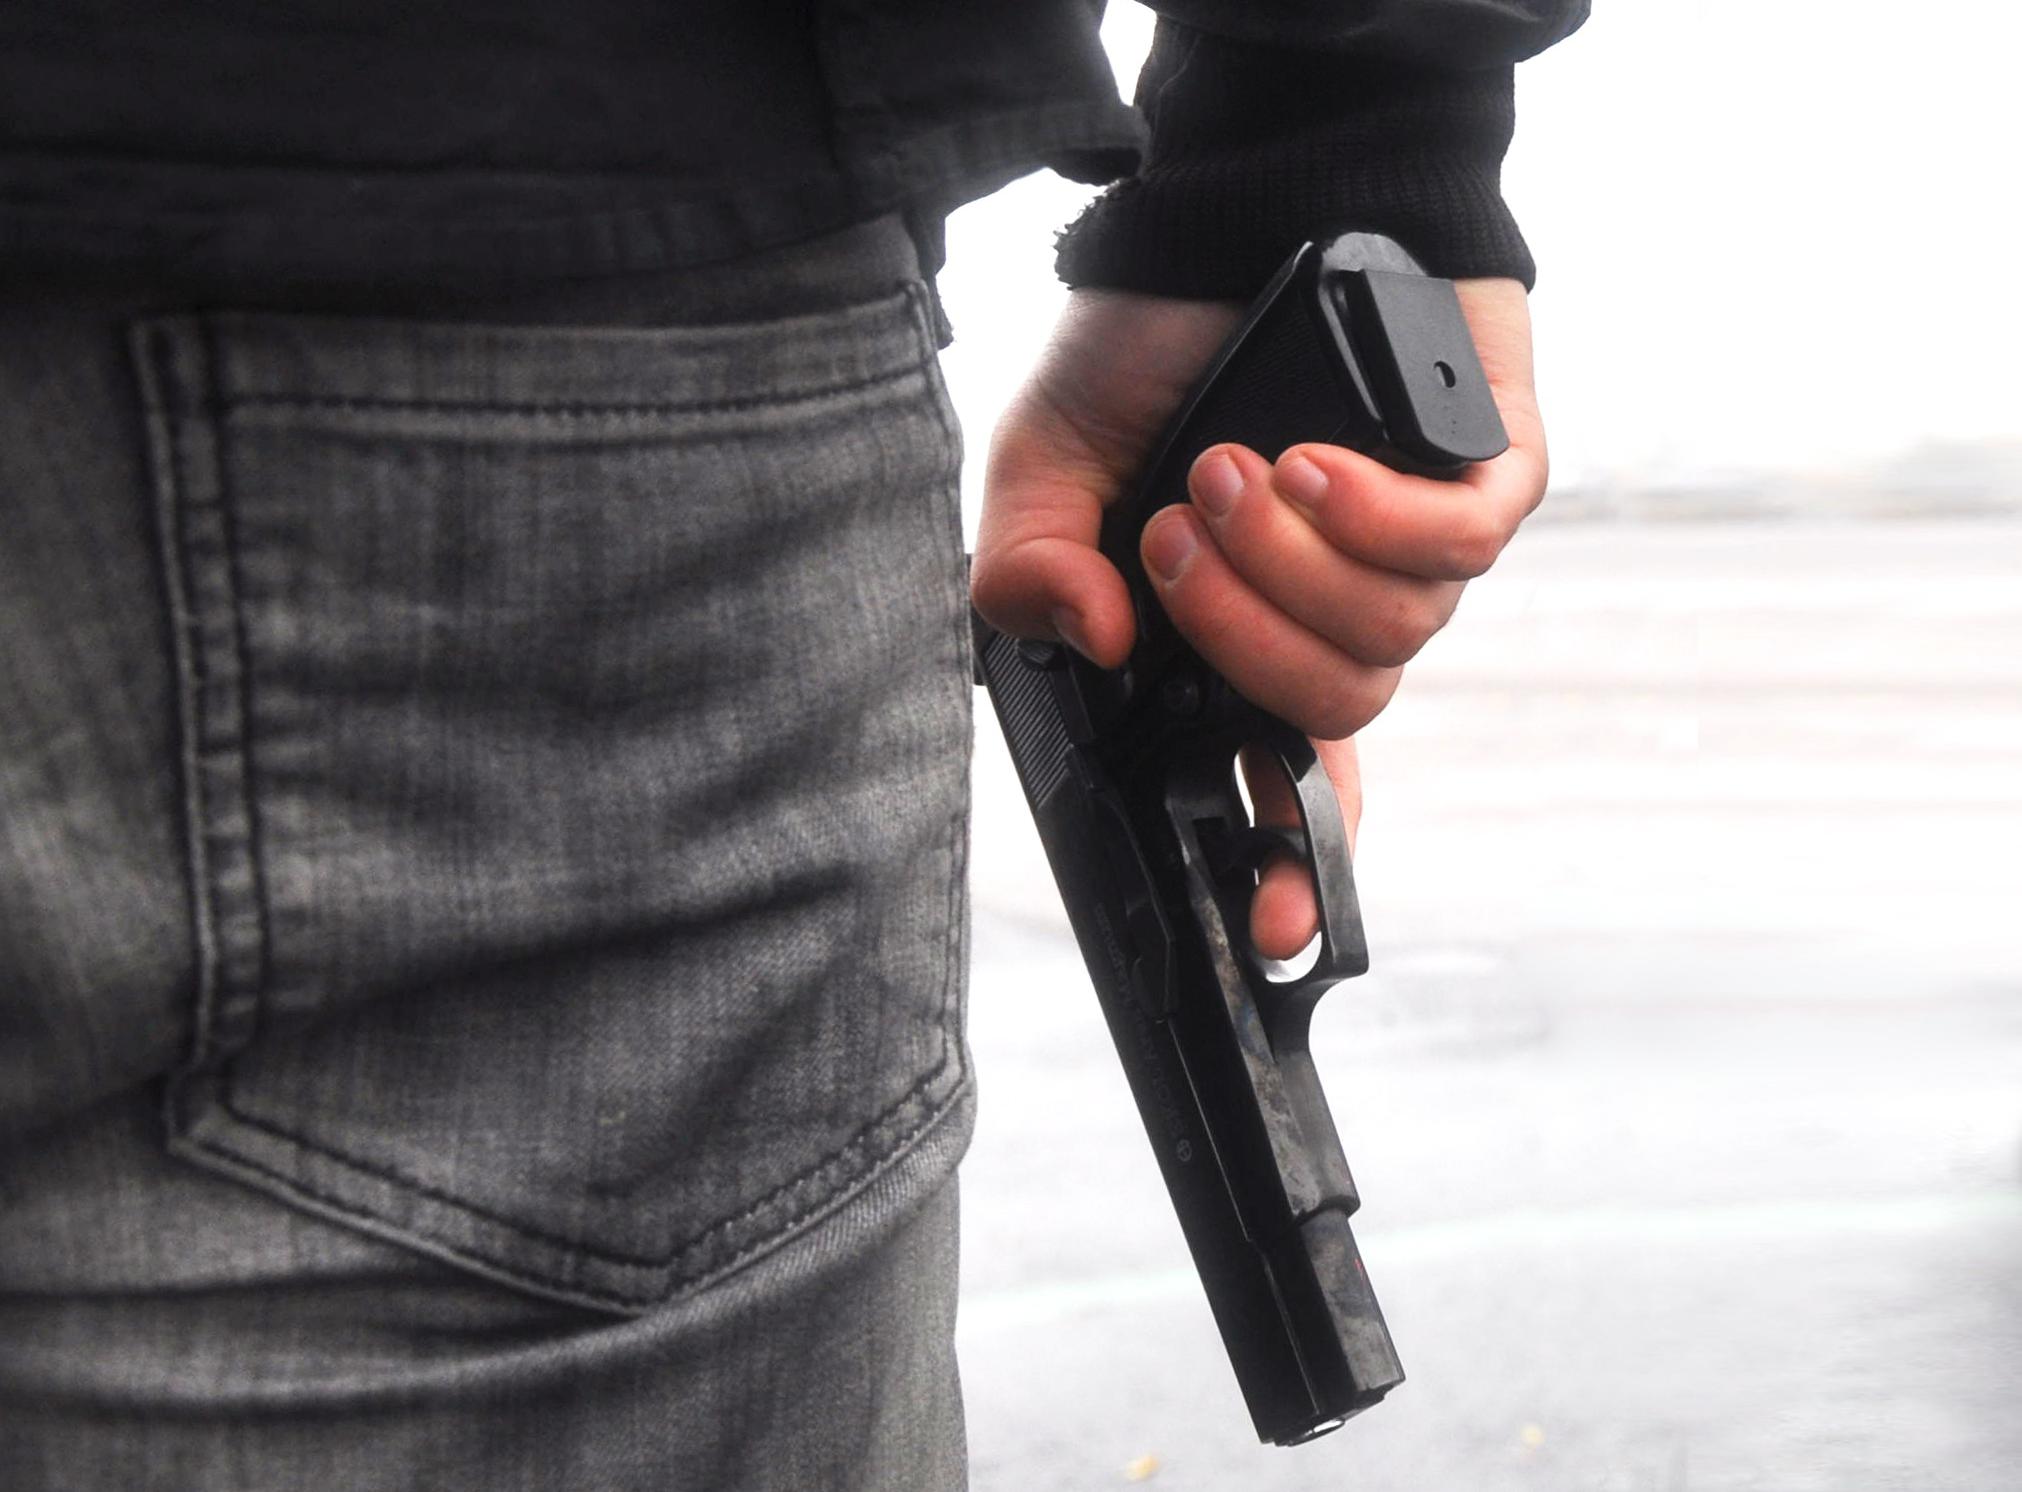 Resultado de imagem para posse de arma de fogo